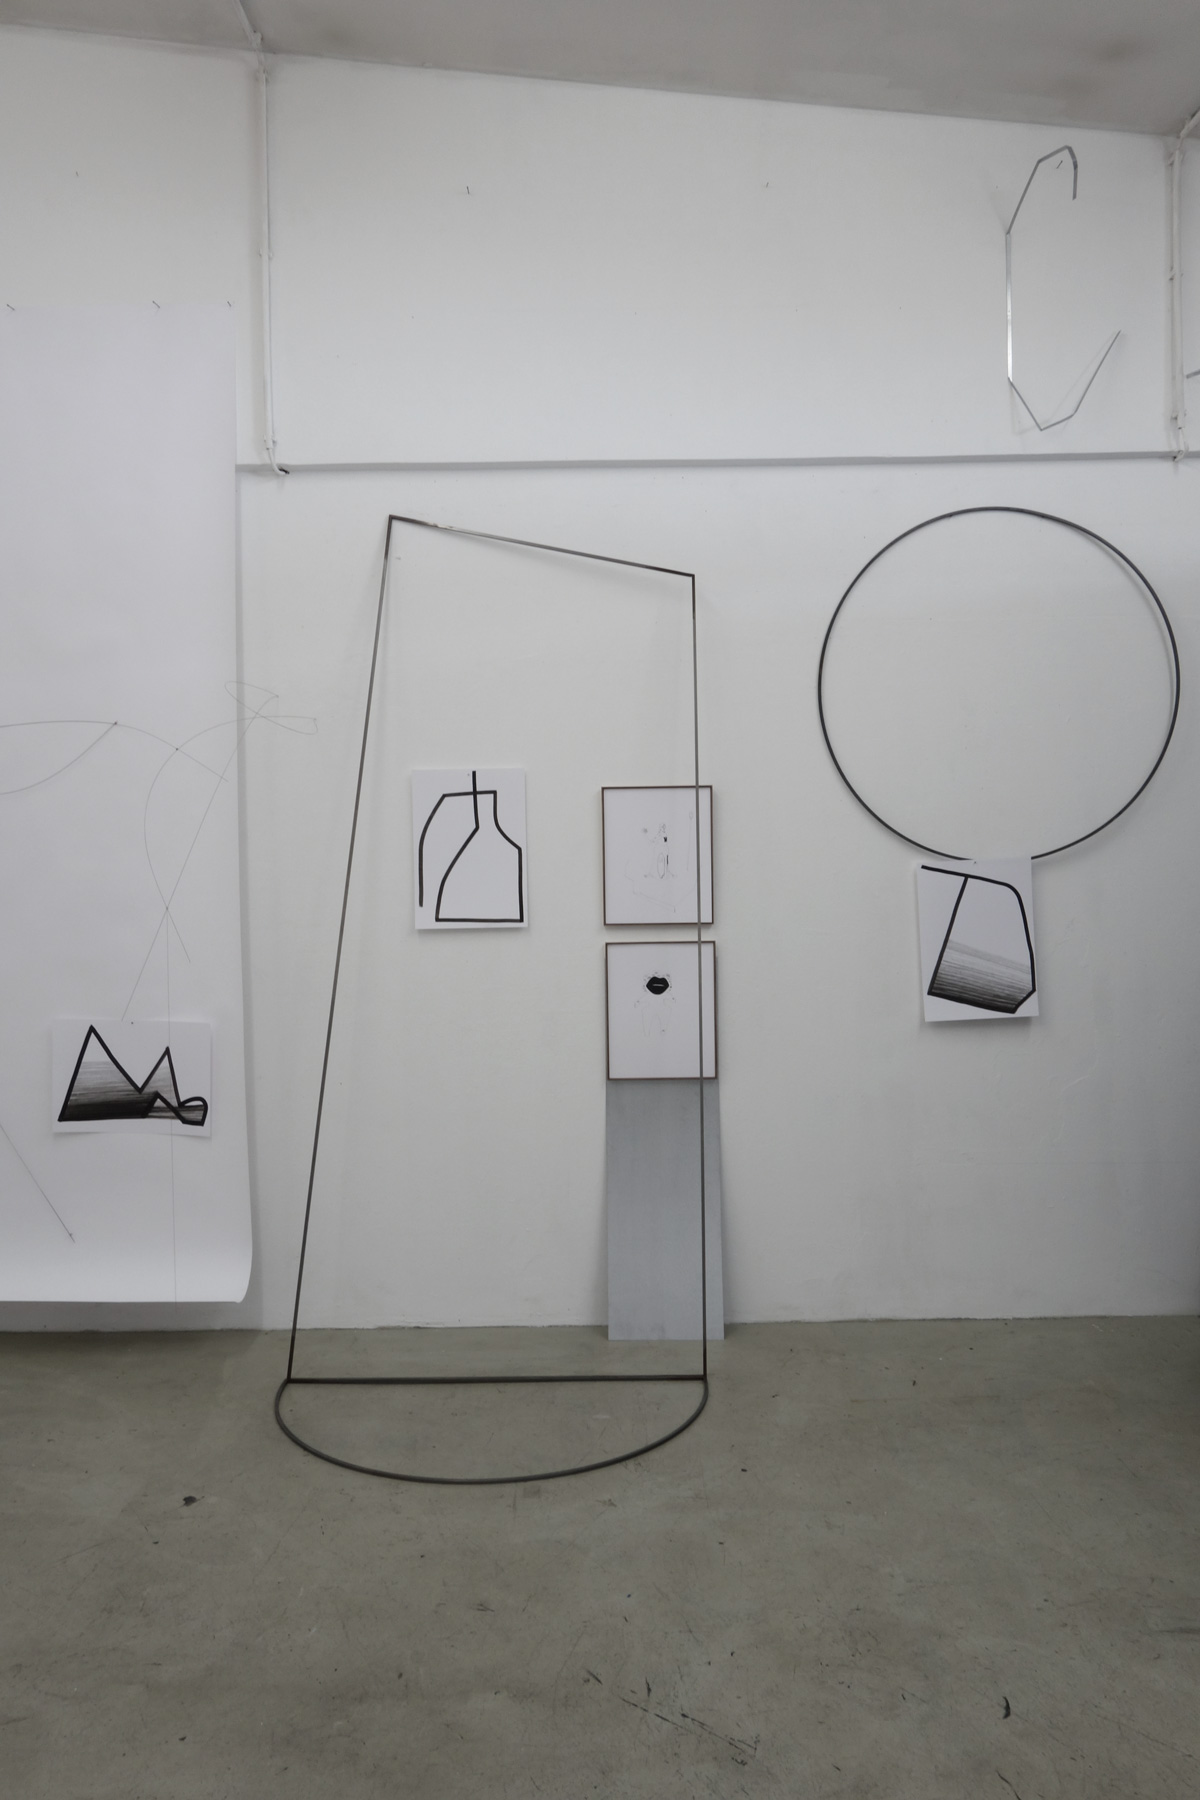 Nina Annabelle Märkl | Frames | Ink and steel drawings | installation | open studios | 2018